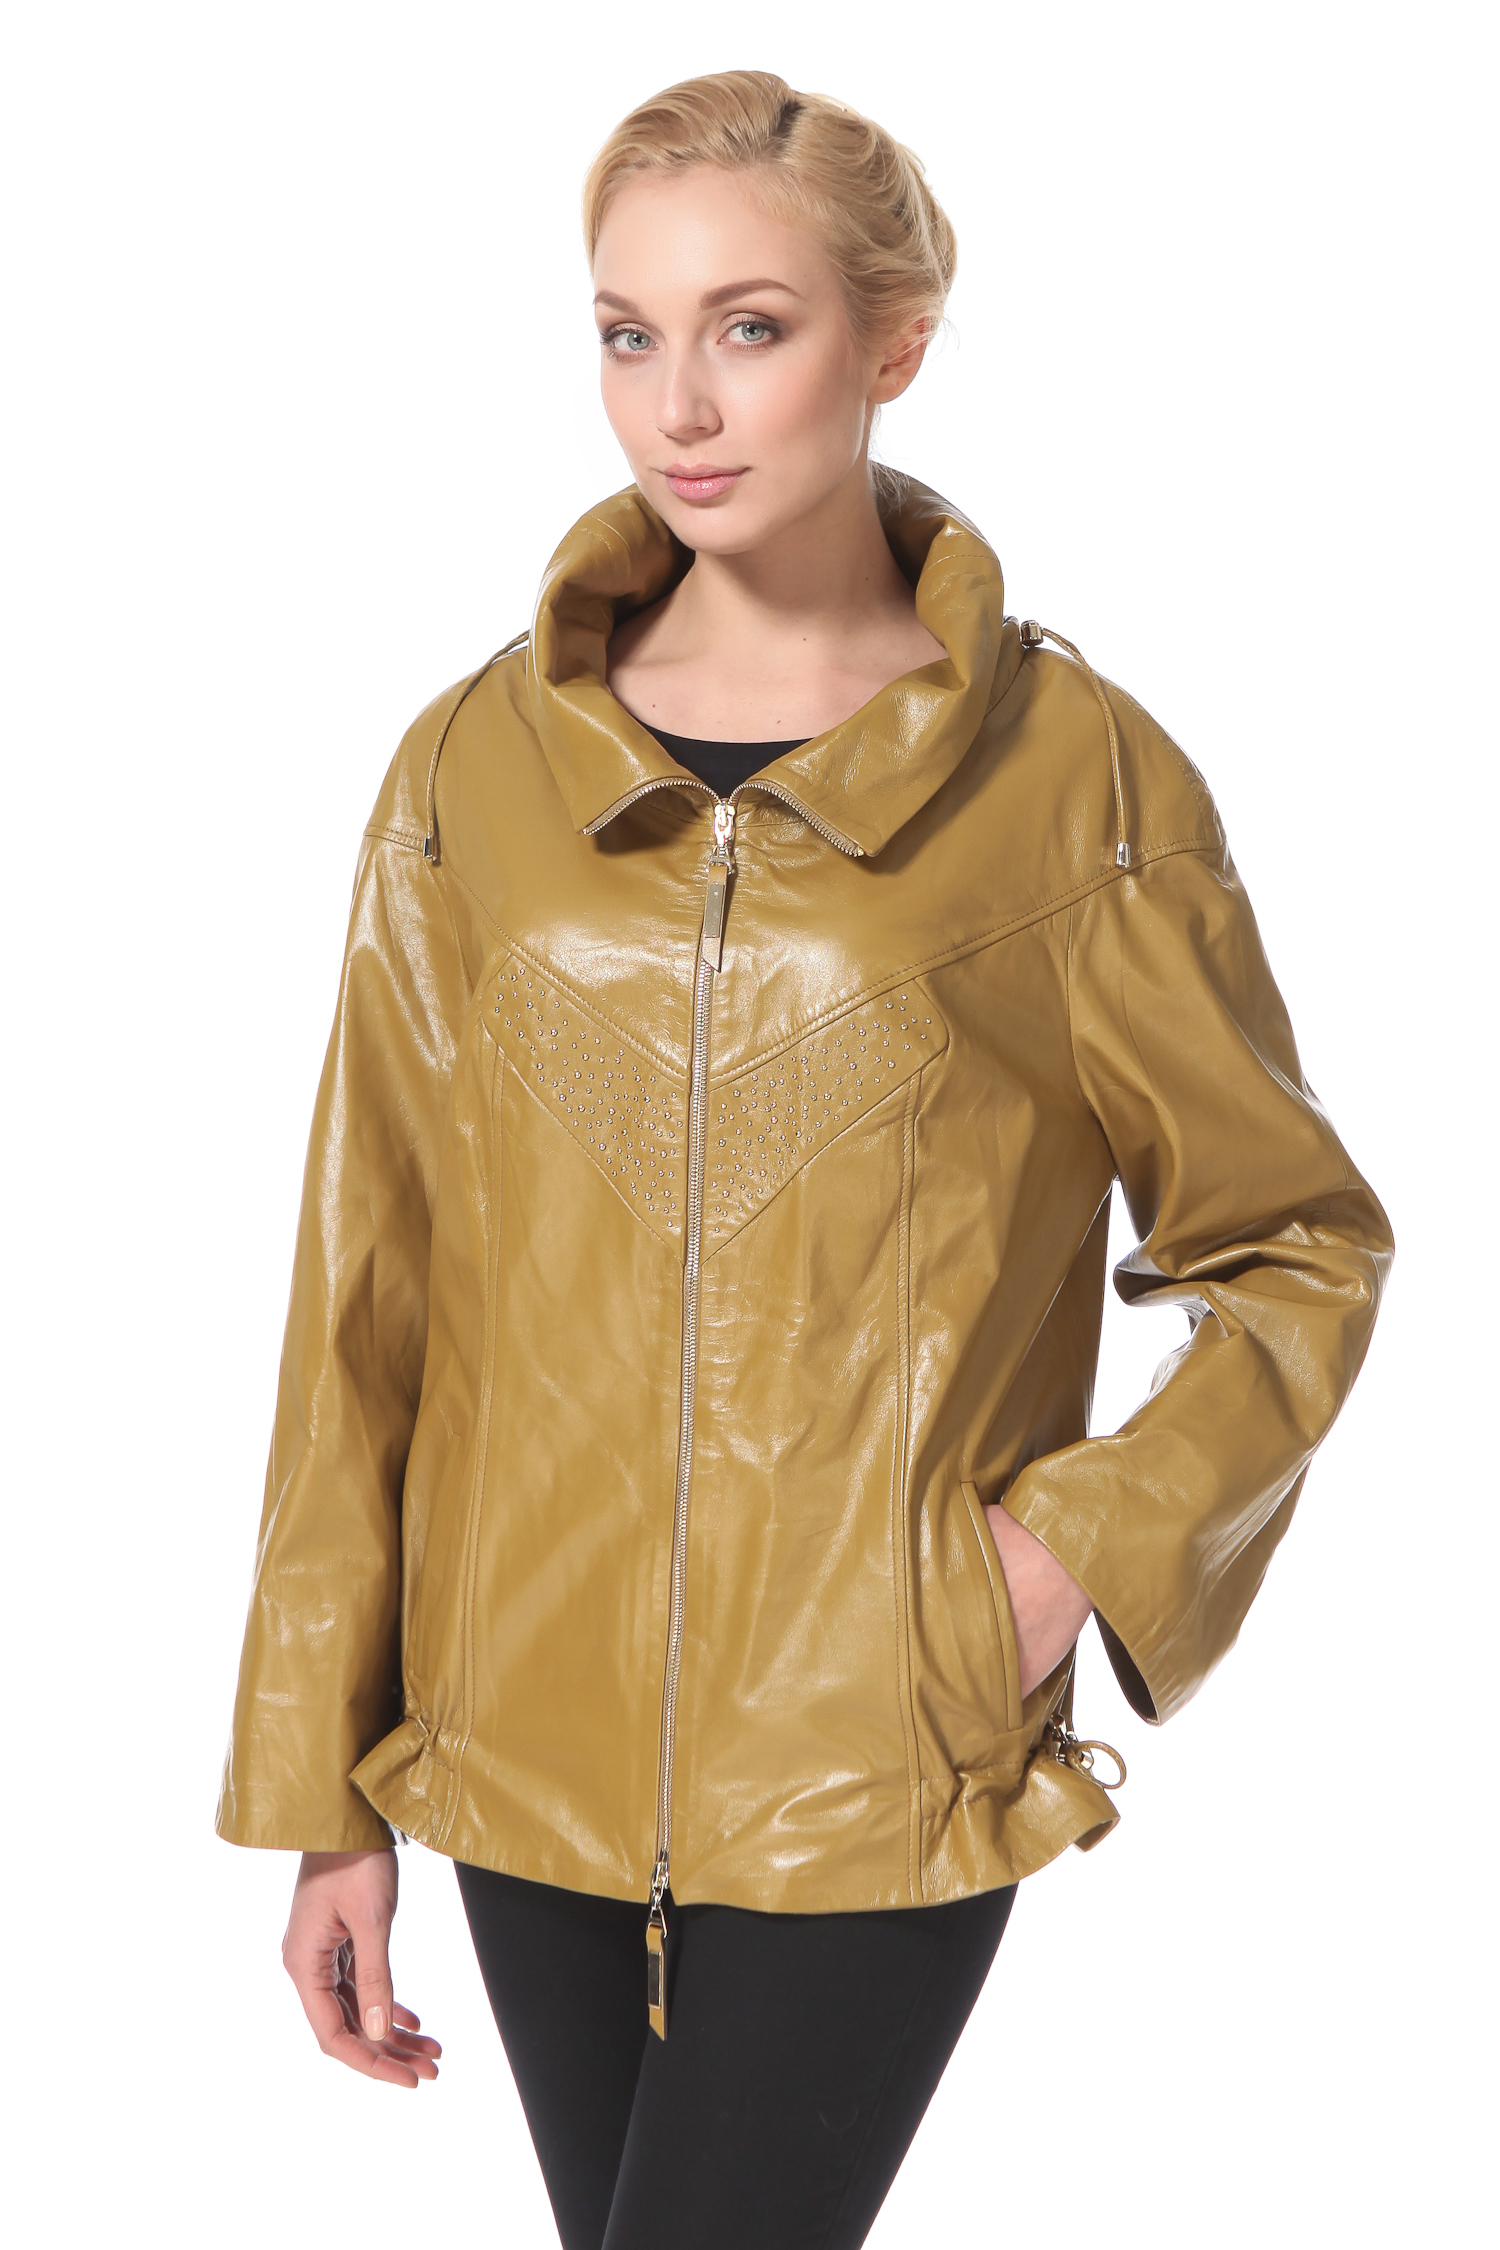 Женская кожаная куртка из натуральной кожи с воротником, без отделкиОригинальная модель для тех, кто не боится экспериментов! Свободный крой этой комфортной, но в тоже время женственной куртки по достоинству оценят те, кто не стремится подчеркивать фигуру. Очень удобный объемный воротник, застежка-молния кулиски на боковых частях - нюансы дизайна, которые обязательно придутся по вкусу особам, стремящимся всегда успевать за стремительным ритмом города. Очень актуальный в этом сезоне горчичный цвет и деликатная отделка в виде металлических клепок - дополнительные бонусы этой, и без того, очень интересной модели!<br><br>Воротник: стойка<br>Длина см: Короткая (51-74 )<br>Материал: Кожа овчина<br>Цвет: зеленый<br>Застежка: на молнии<br>Пол: Женский<br>Размер RU: 46